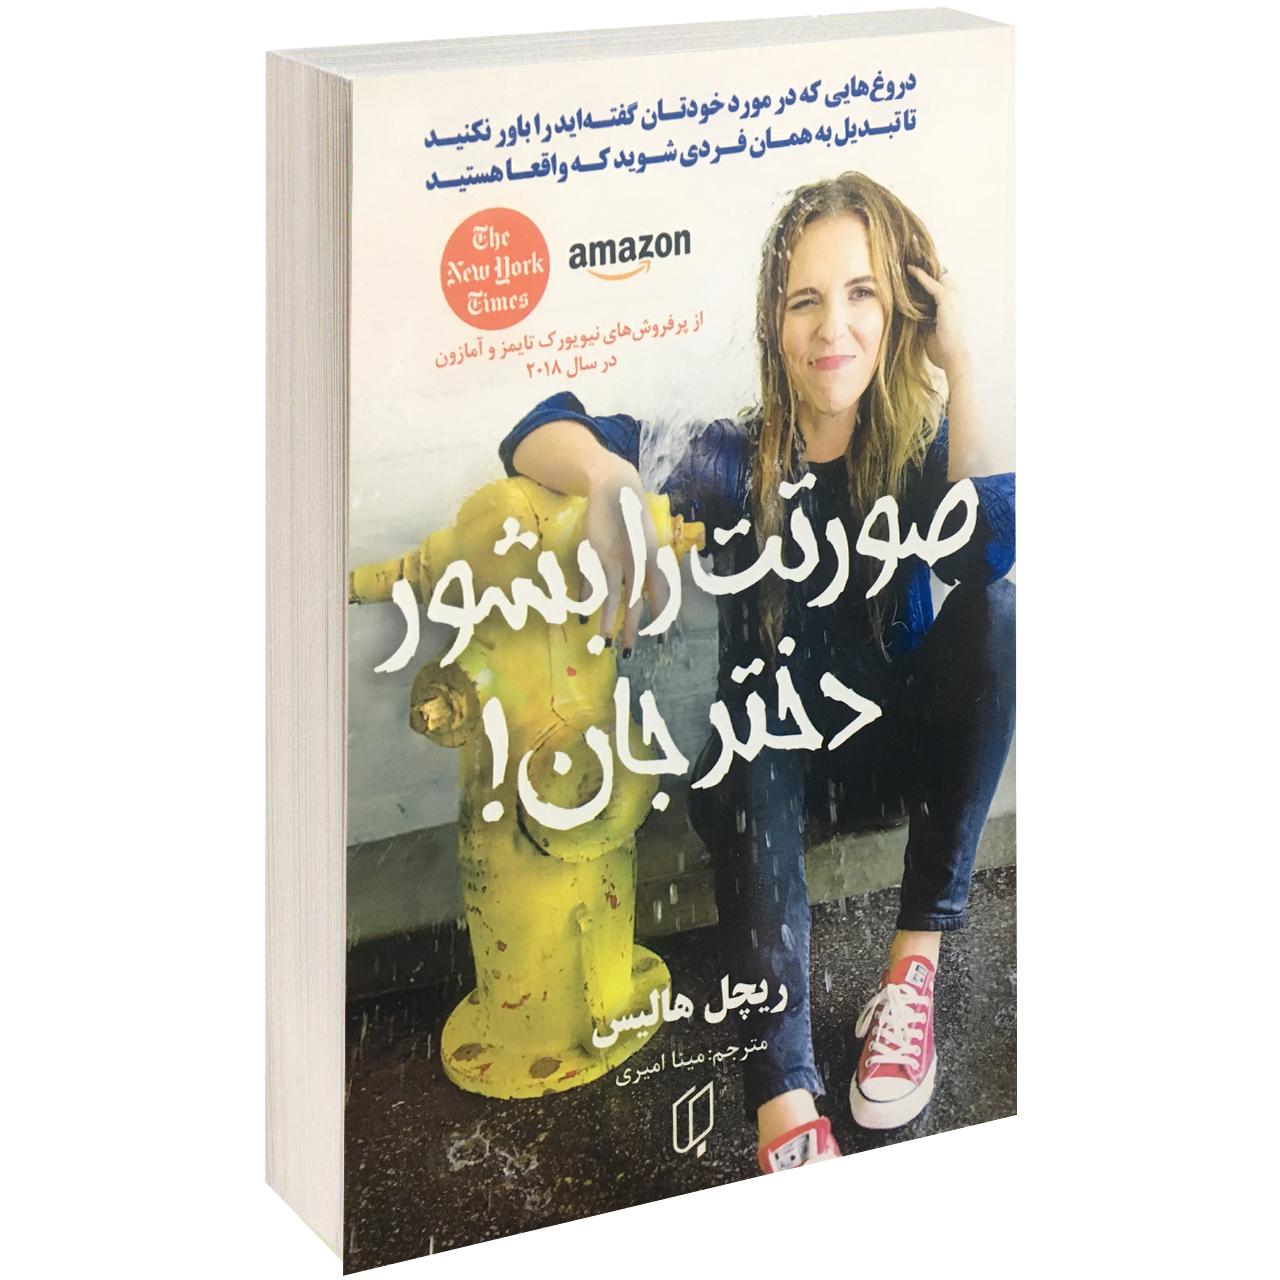 خرید                      کتاب صورتت را بشور دختر جان! اثر ریچل هالیس نشر باران خرد